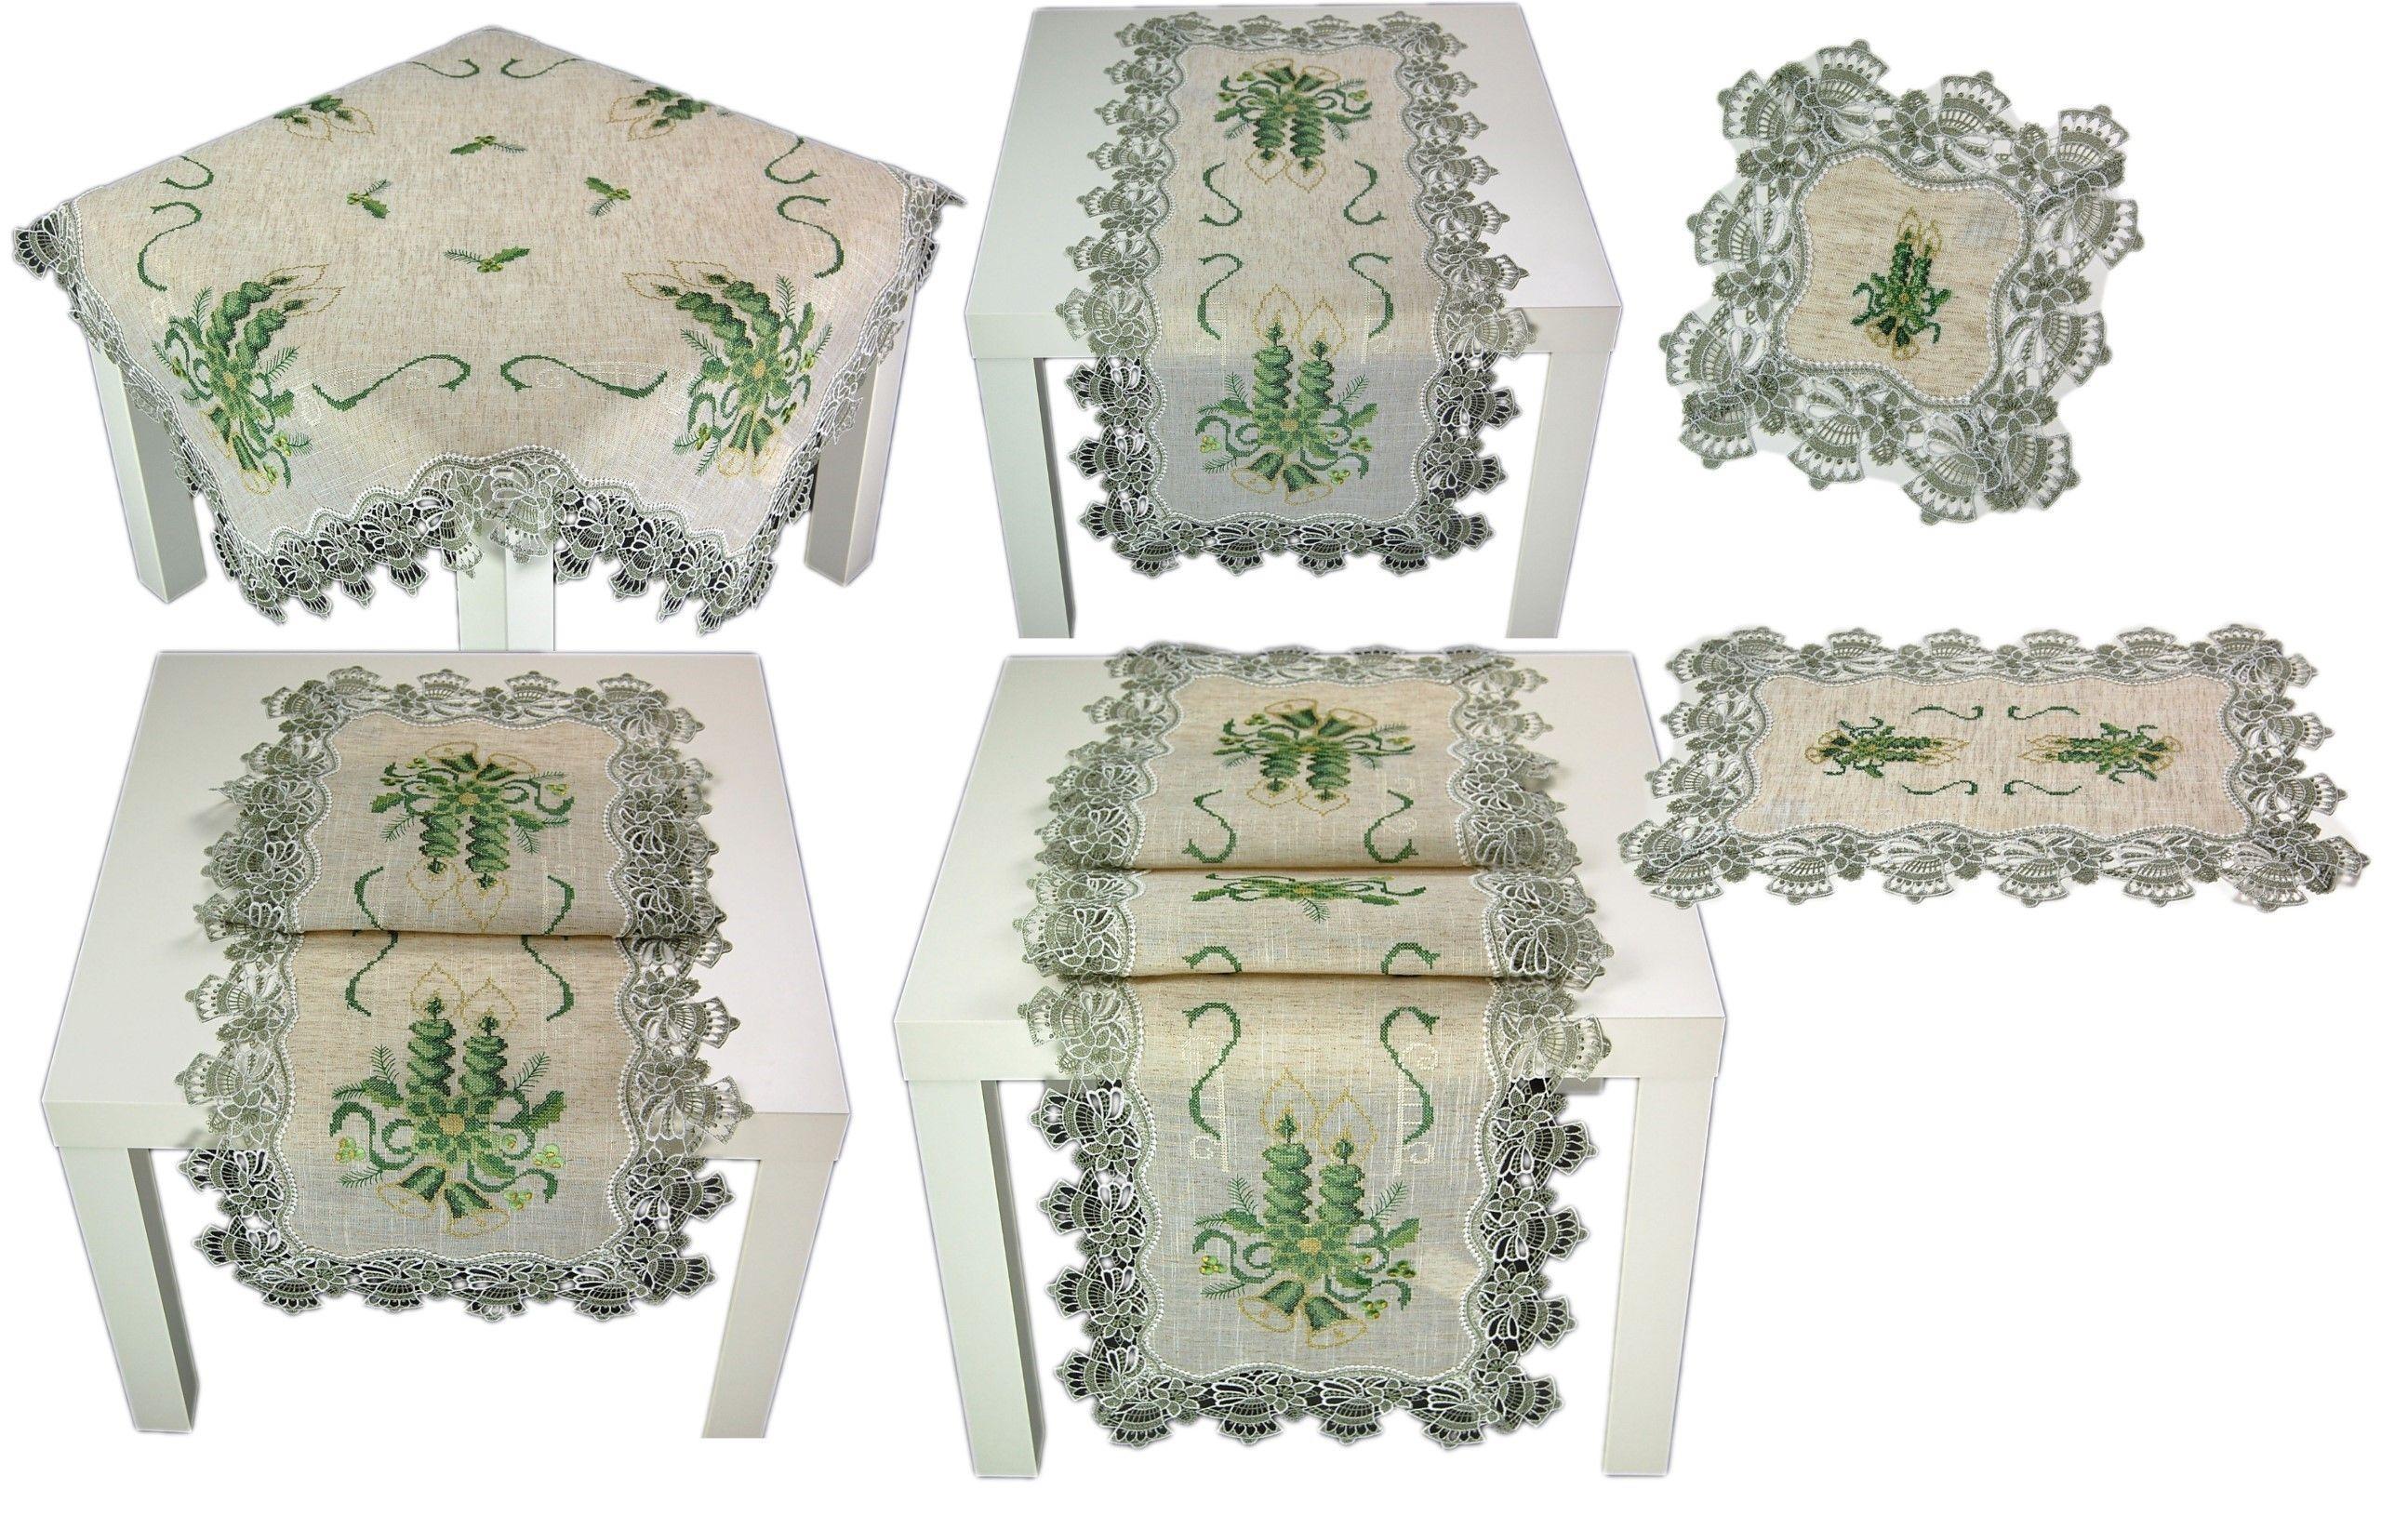 tischdecke weihnachten natur beige spitze kerzen gr n tischl ufer deckchen decke ebay. Black Bedroom Furniture Sets. Home Design Ideas